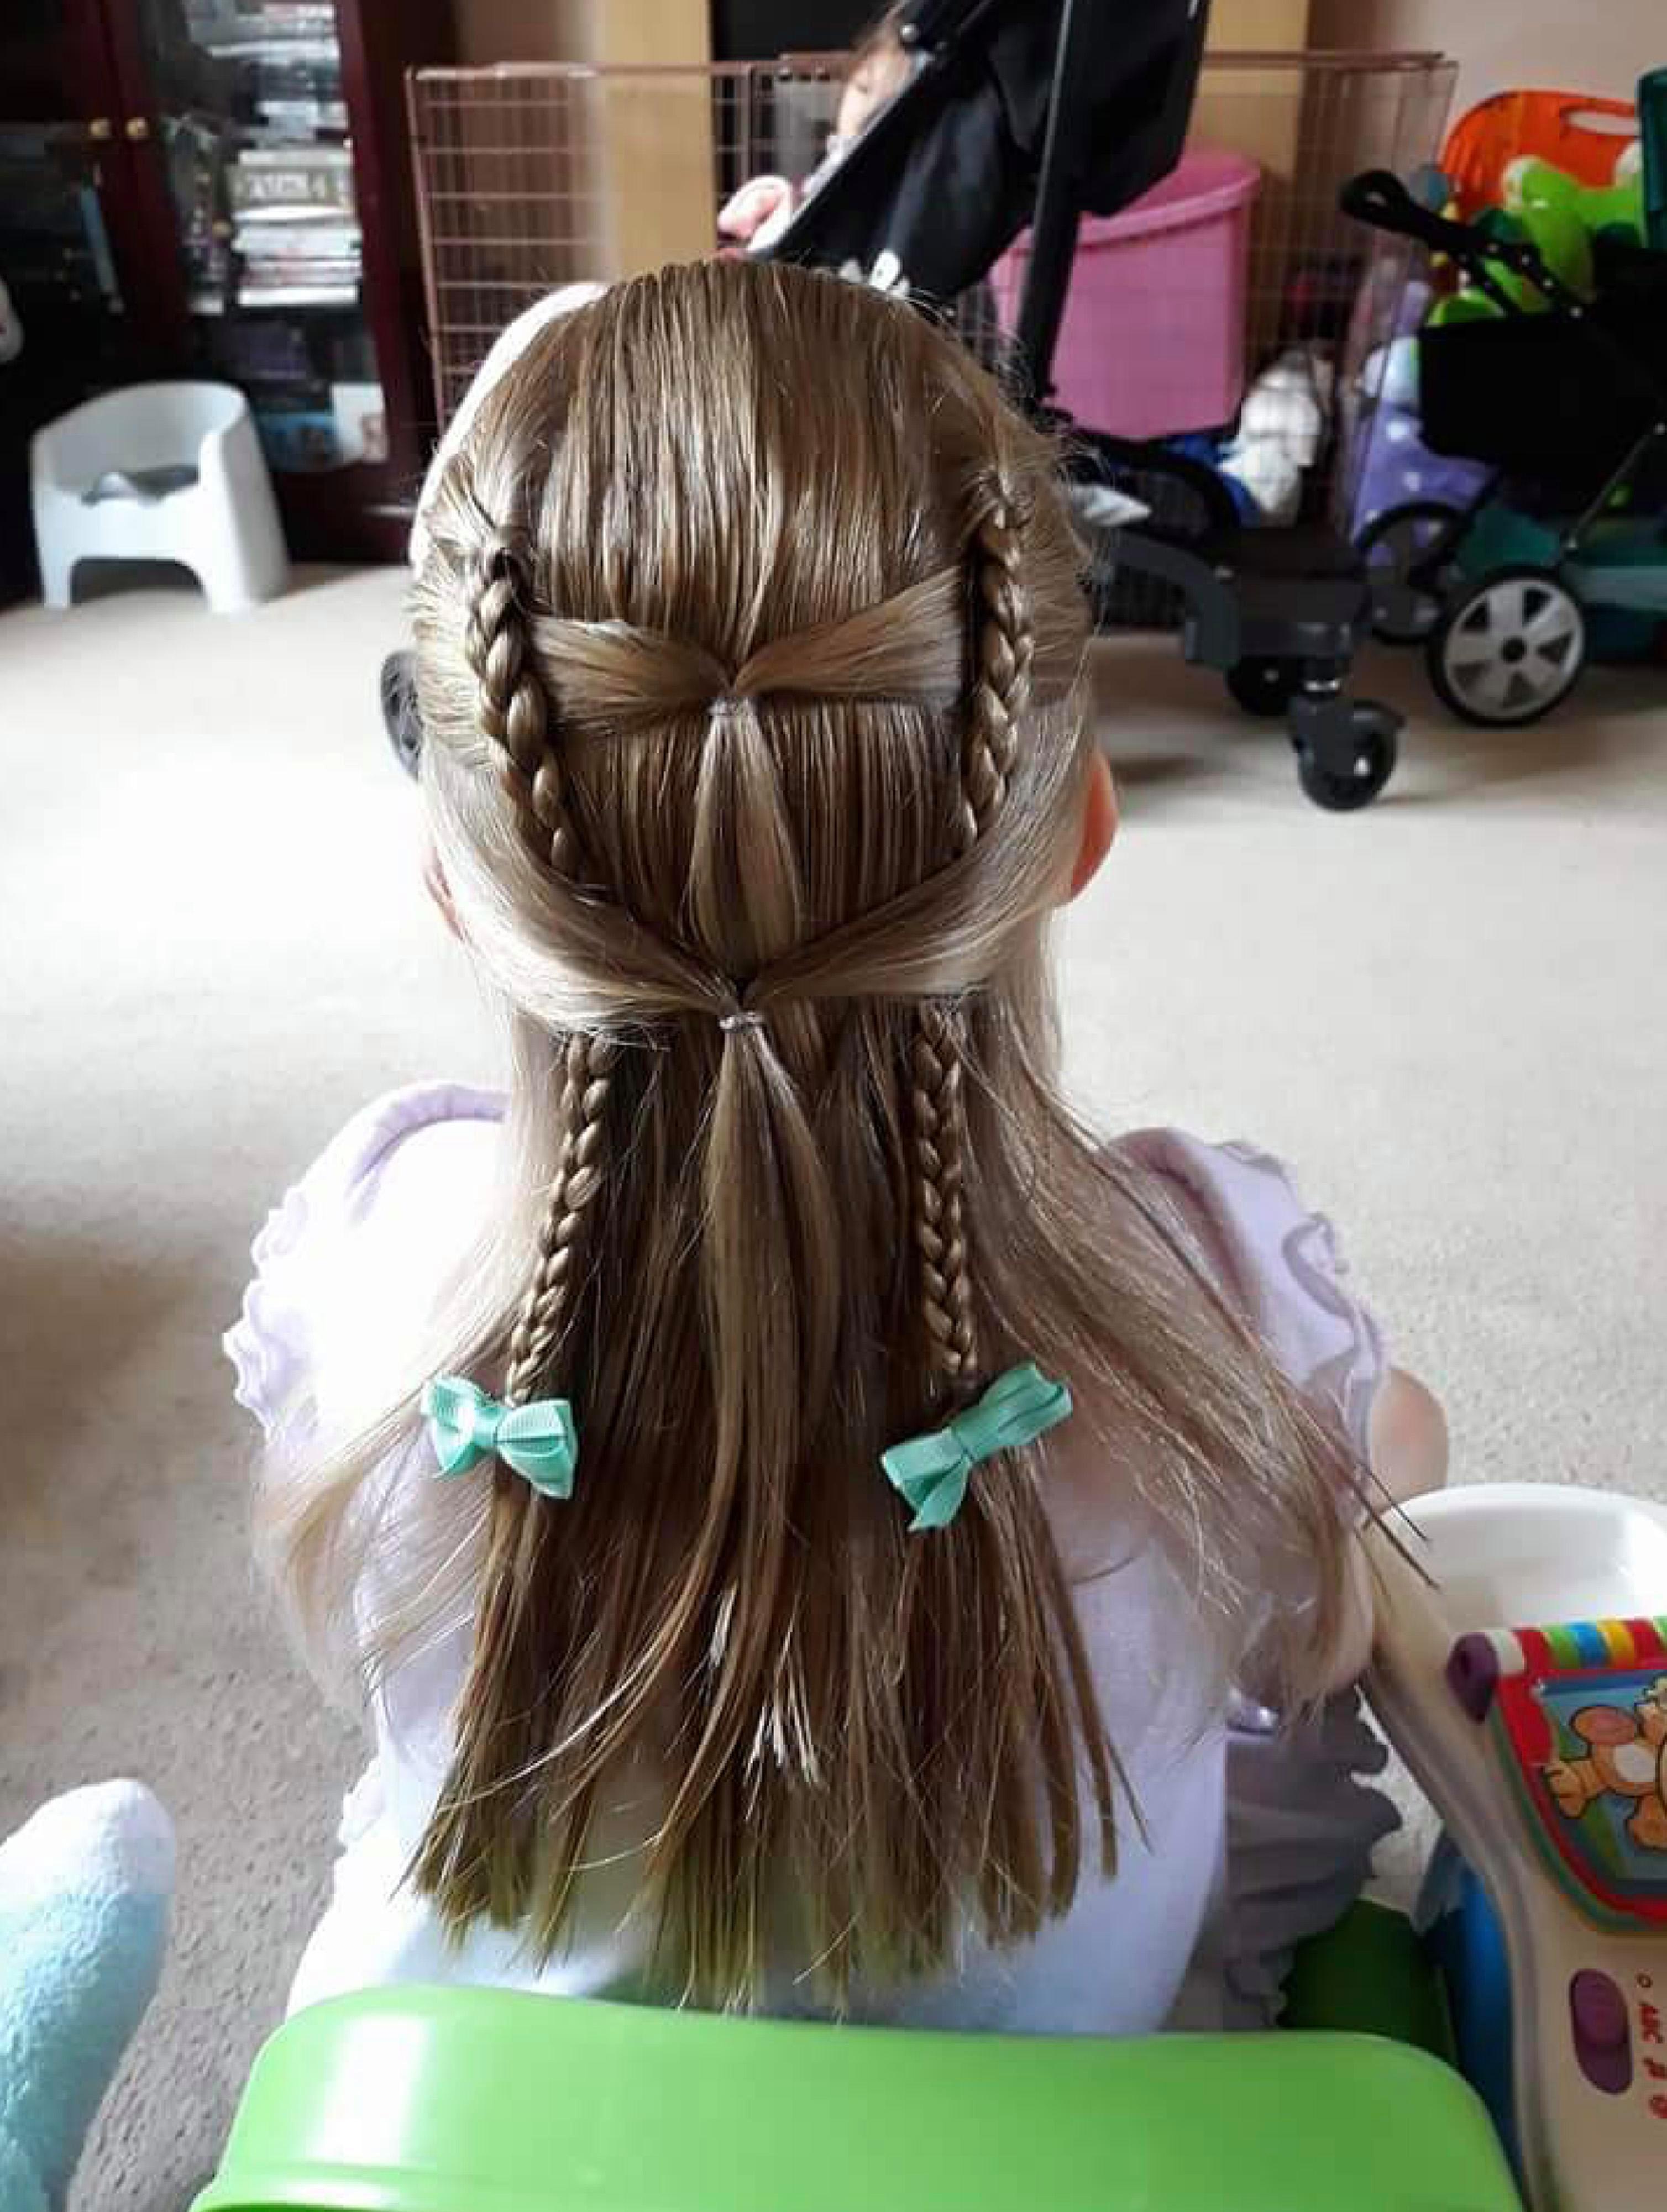 Włosy Melissy, zanim zostały obcięte